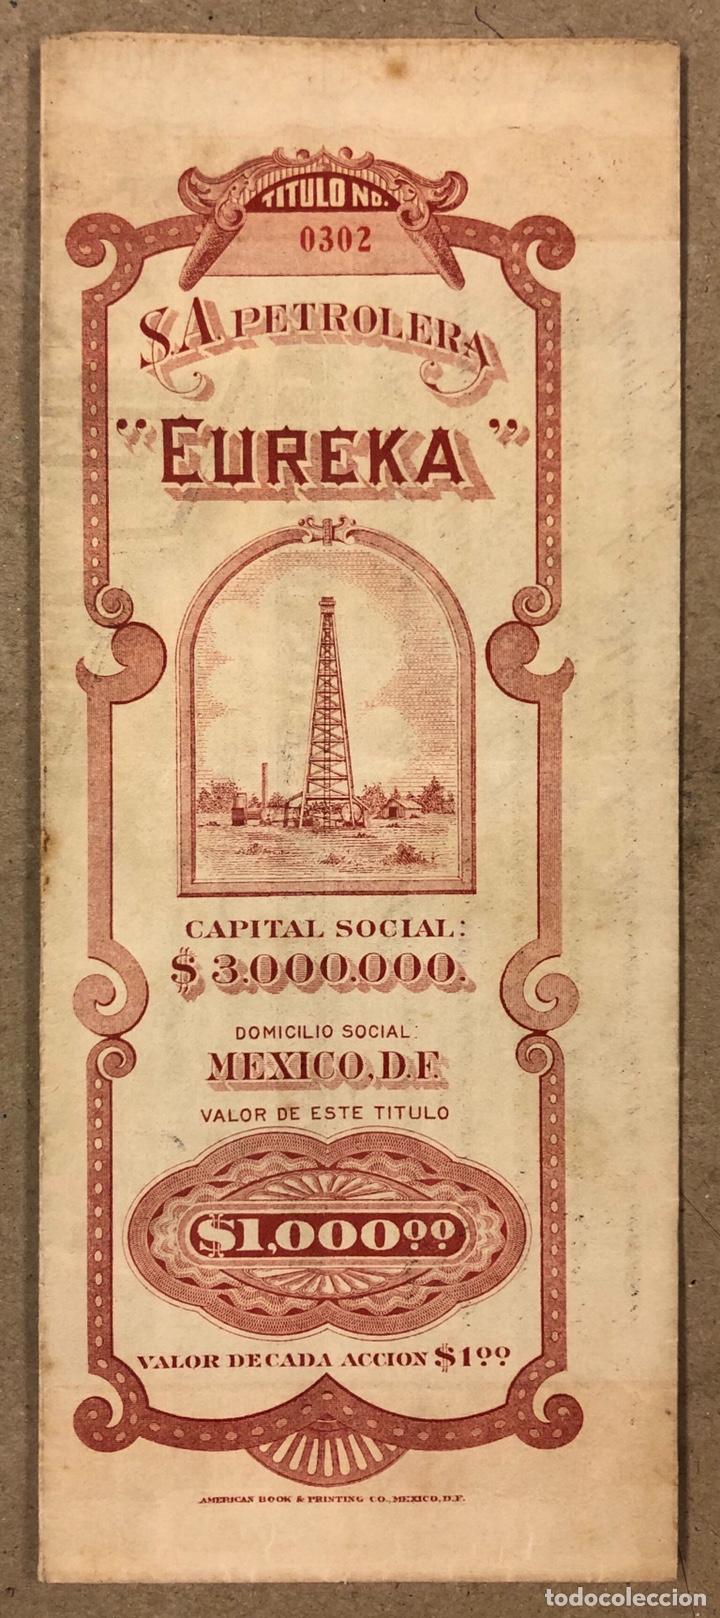 Coleccionismo Acciones Extranjeras: S.A. PETROLERA EUREKA (MÉXICO D.F.). ACCIÓN DEL AÑO 1918 POR VALOR DE $1000, CON CUPONES. - Foto 2 - 211588566